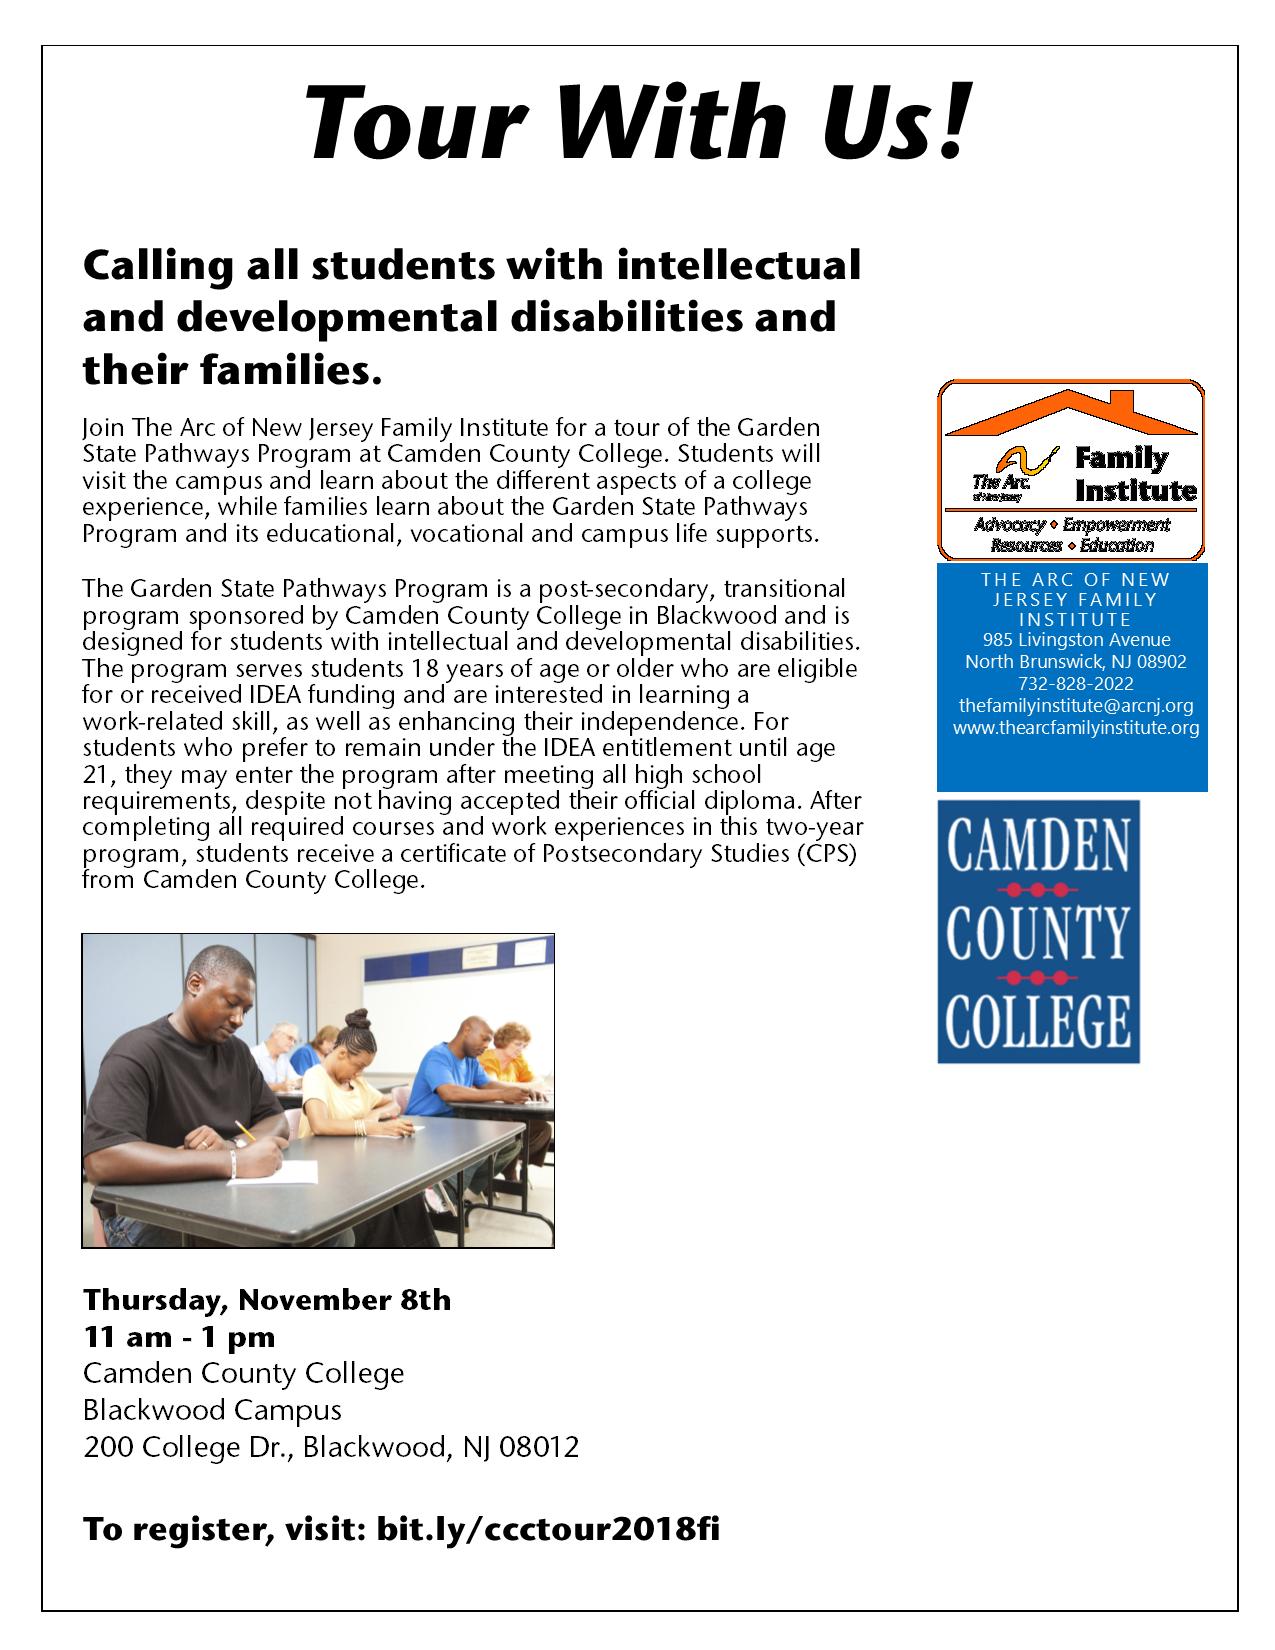 Garden State Pathways Program at Camden County College